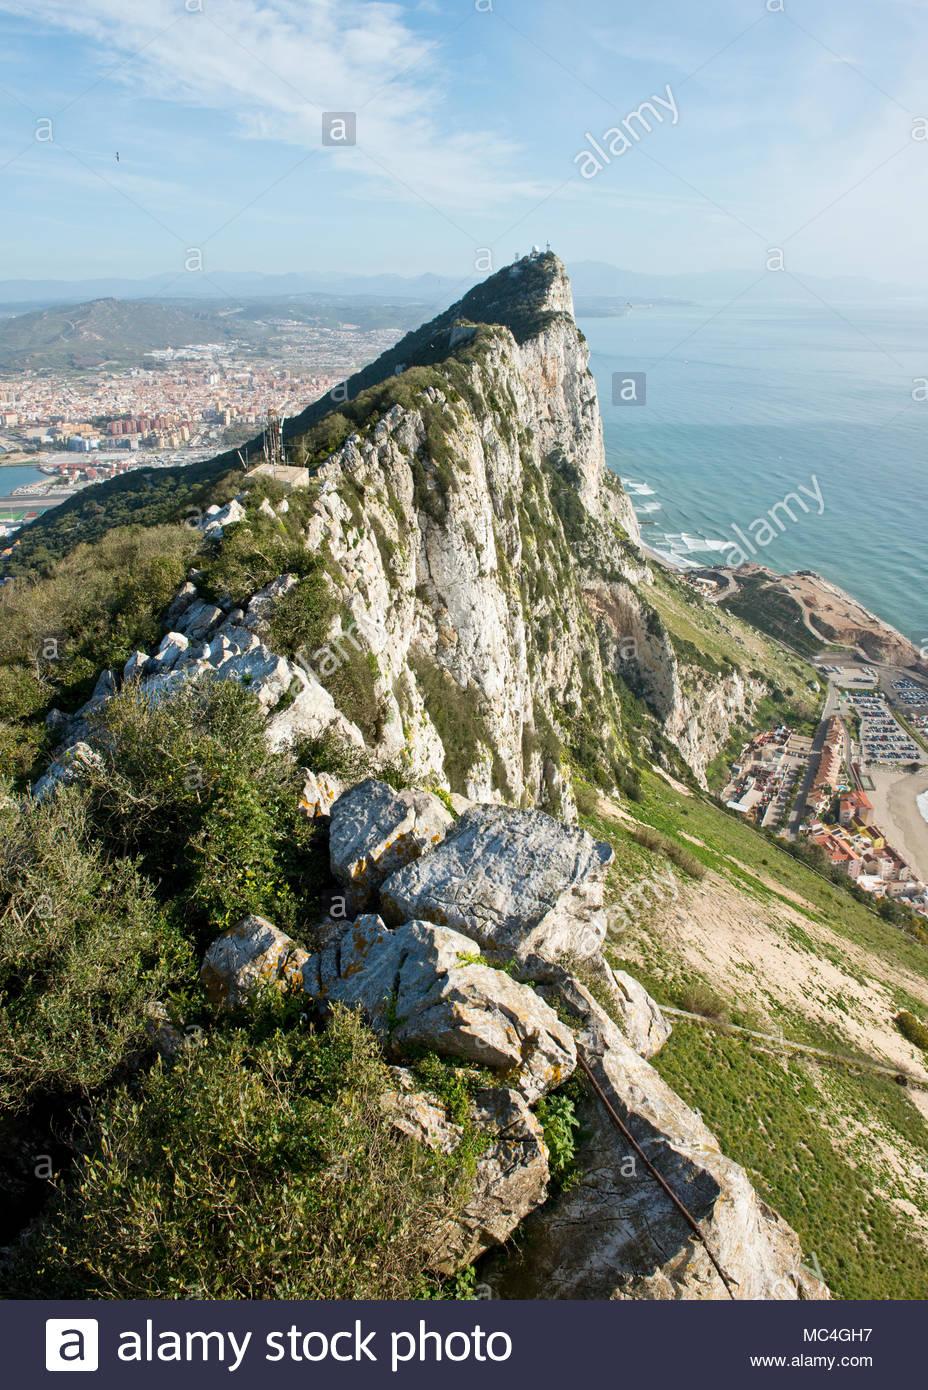 Vue vers le nord jusqu'au sommet du rocher de Gibraltar. Gibraltar, Royaume-Uni Photo Stock